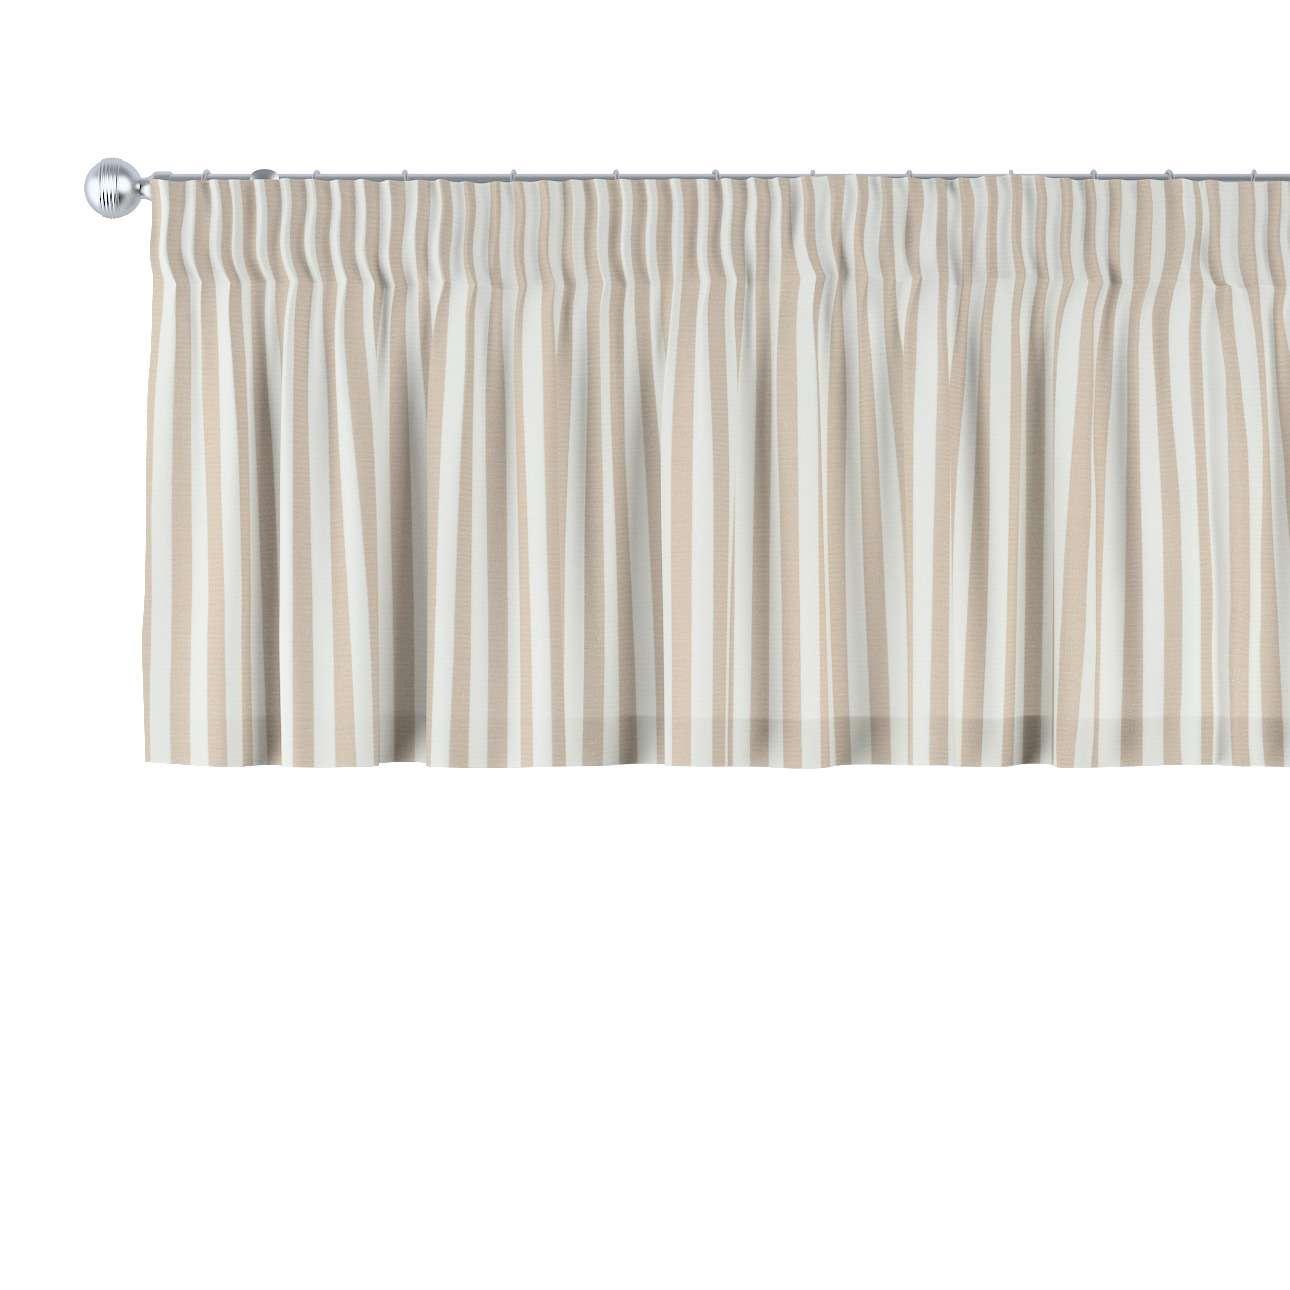 Lambrekin na taśmie marszczącej 130 x 40 cm w kolekcji Quadro, tkanina: 136-07